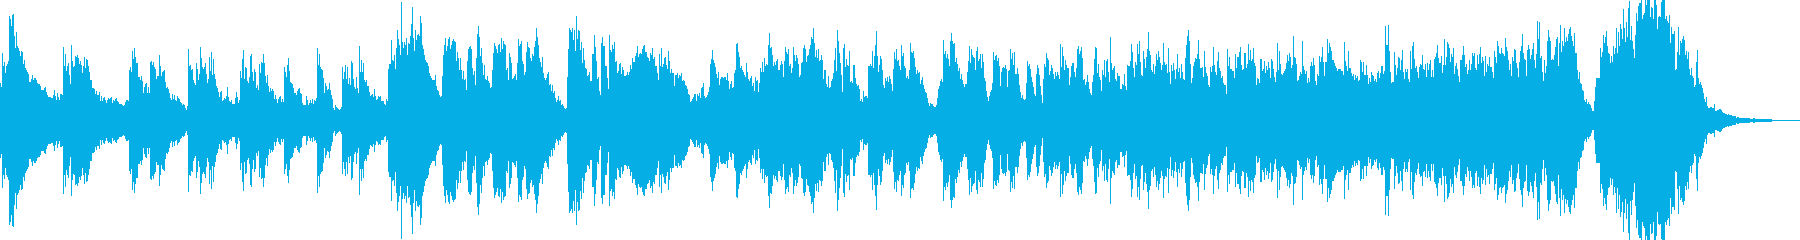 メリハリ 打楽器 金管楽器の再生済みの波形